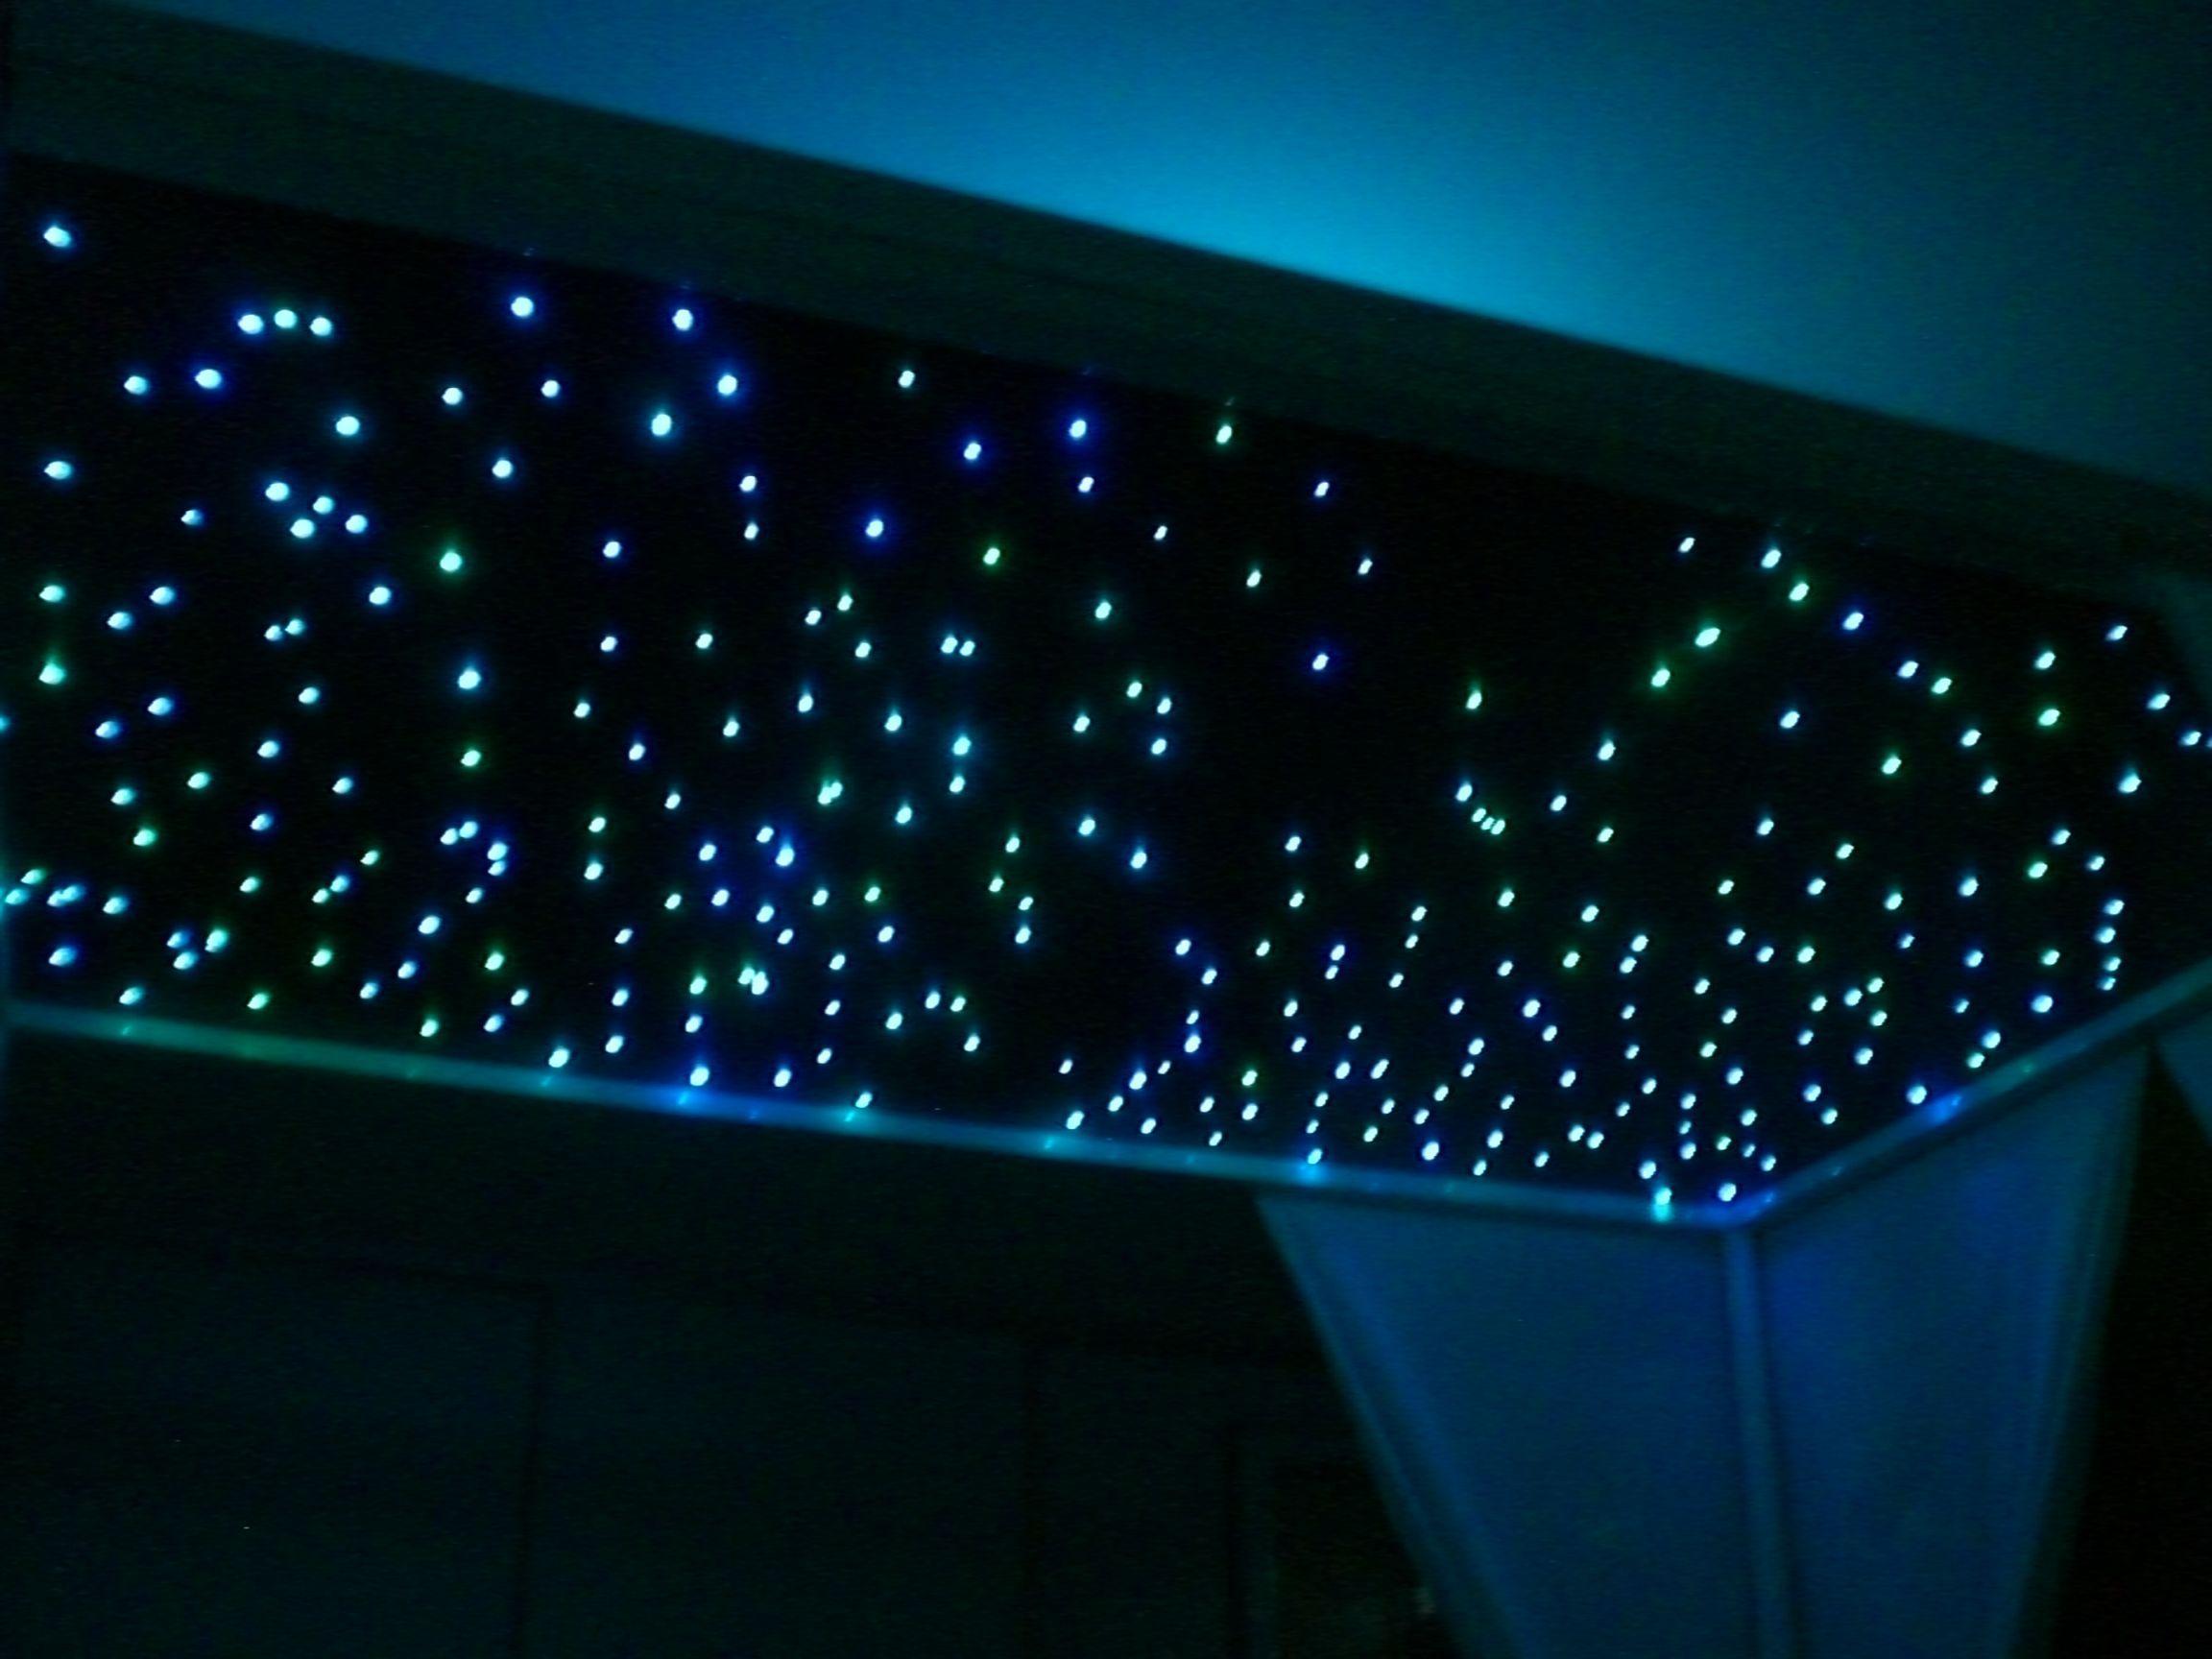 Bauanleitung Led Sternenhimmel Bauanleitung Deckenlampe Ledsternenhimmel In 2020 Sternenhimmel Sternenhimmel Lampe Sternenhimmel Led